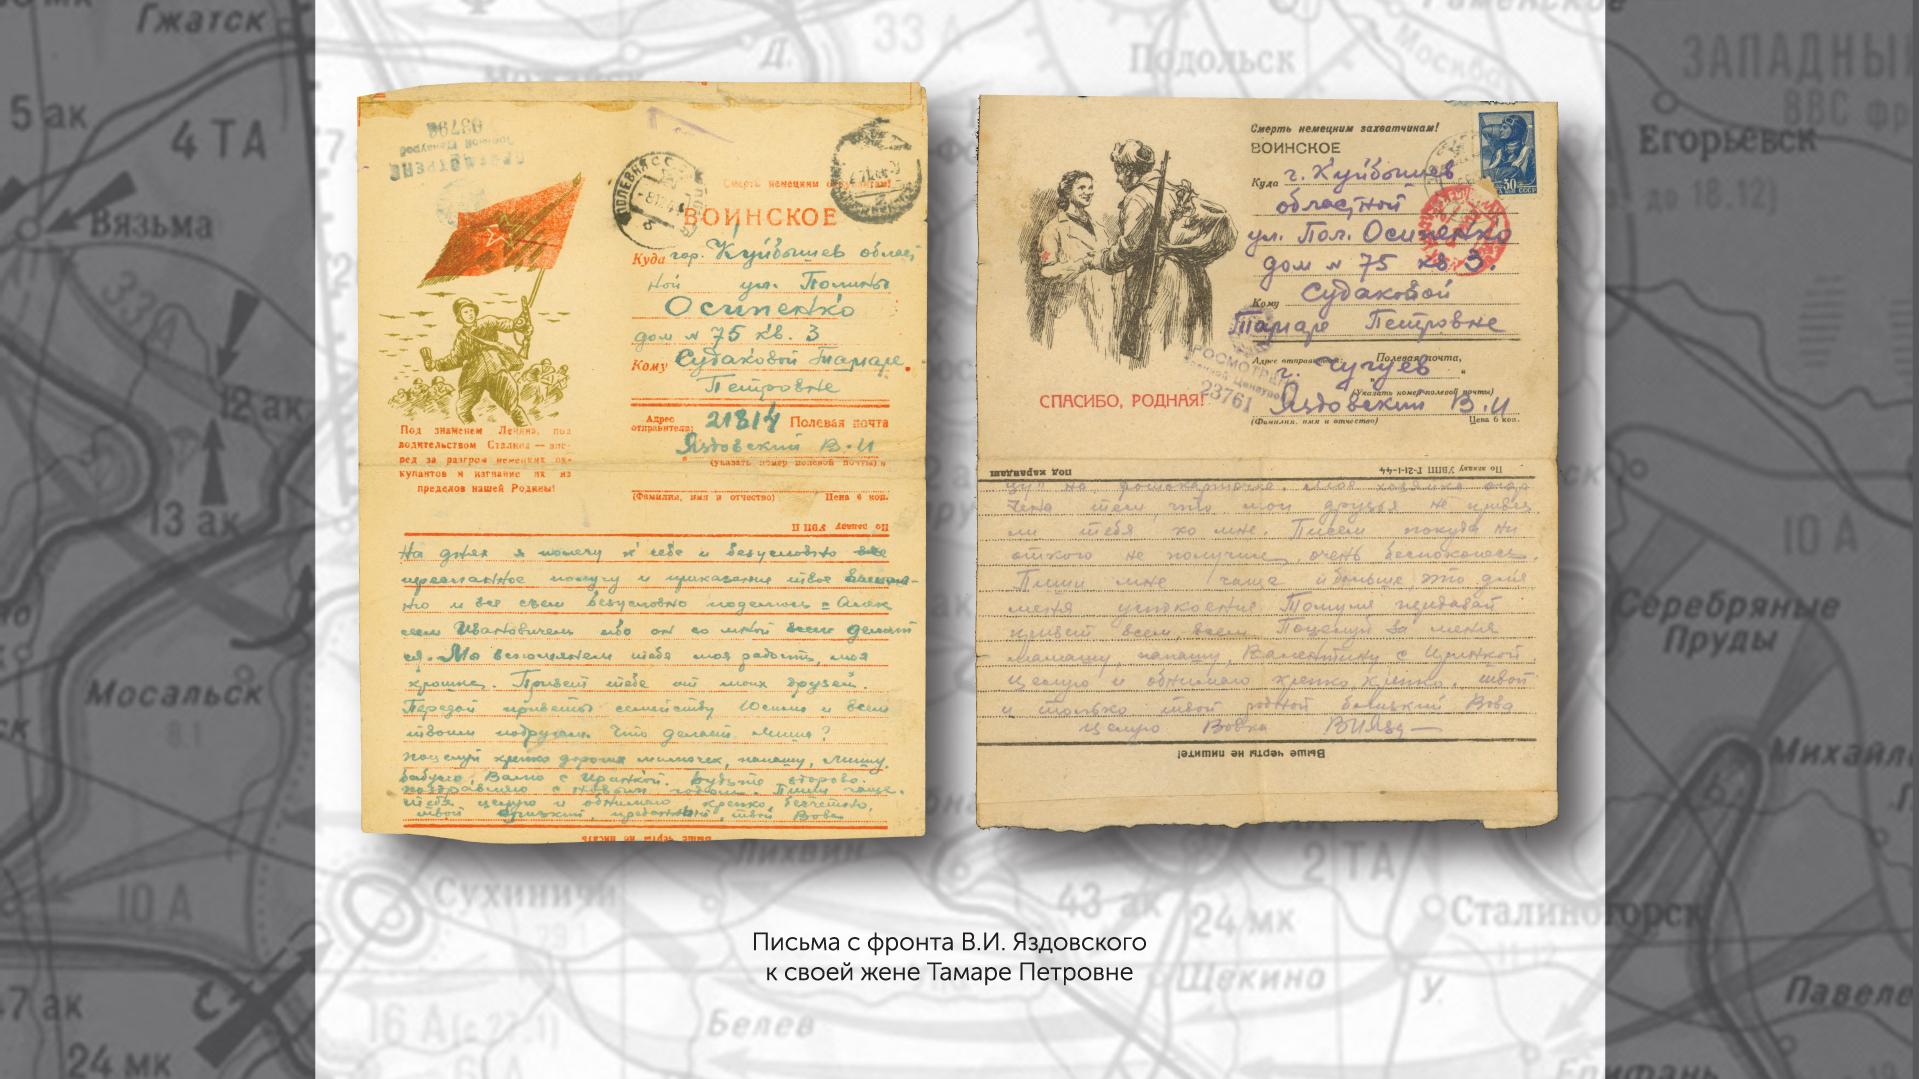 Письма с фронта В.И. Яздовского